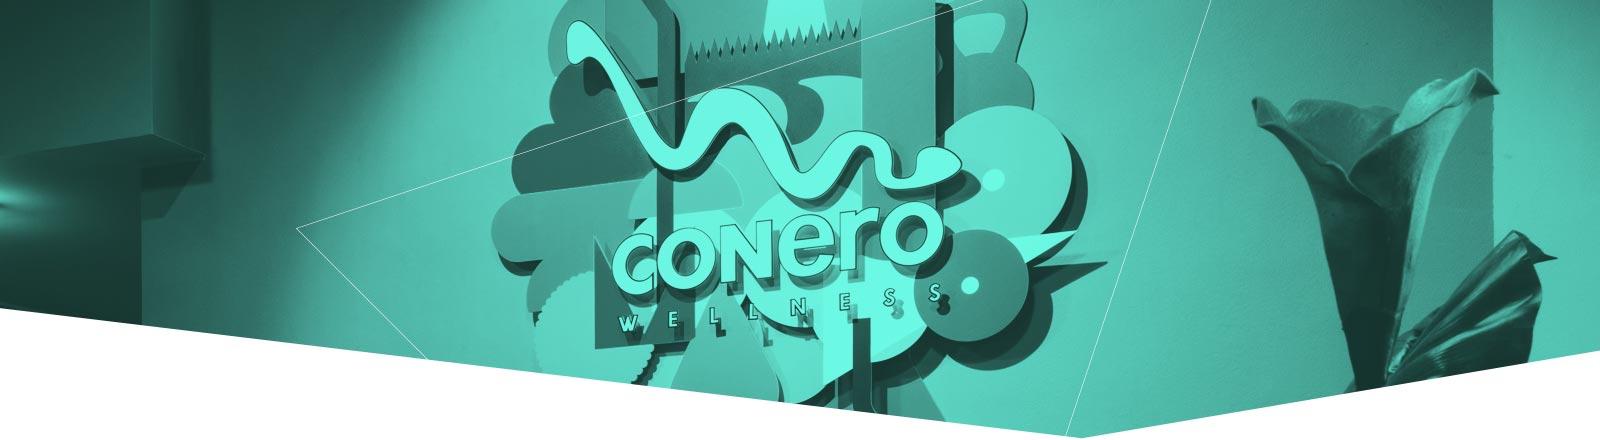 Siete pronti per il nuovo palinsesto Conero Wellness?  Da Lunedì 17 Settembre scopri i nuovi orari dei corsi  Conero Wellness.  Qui puoi consultare il palinsesto completo:  Continua »